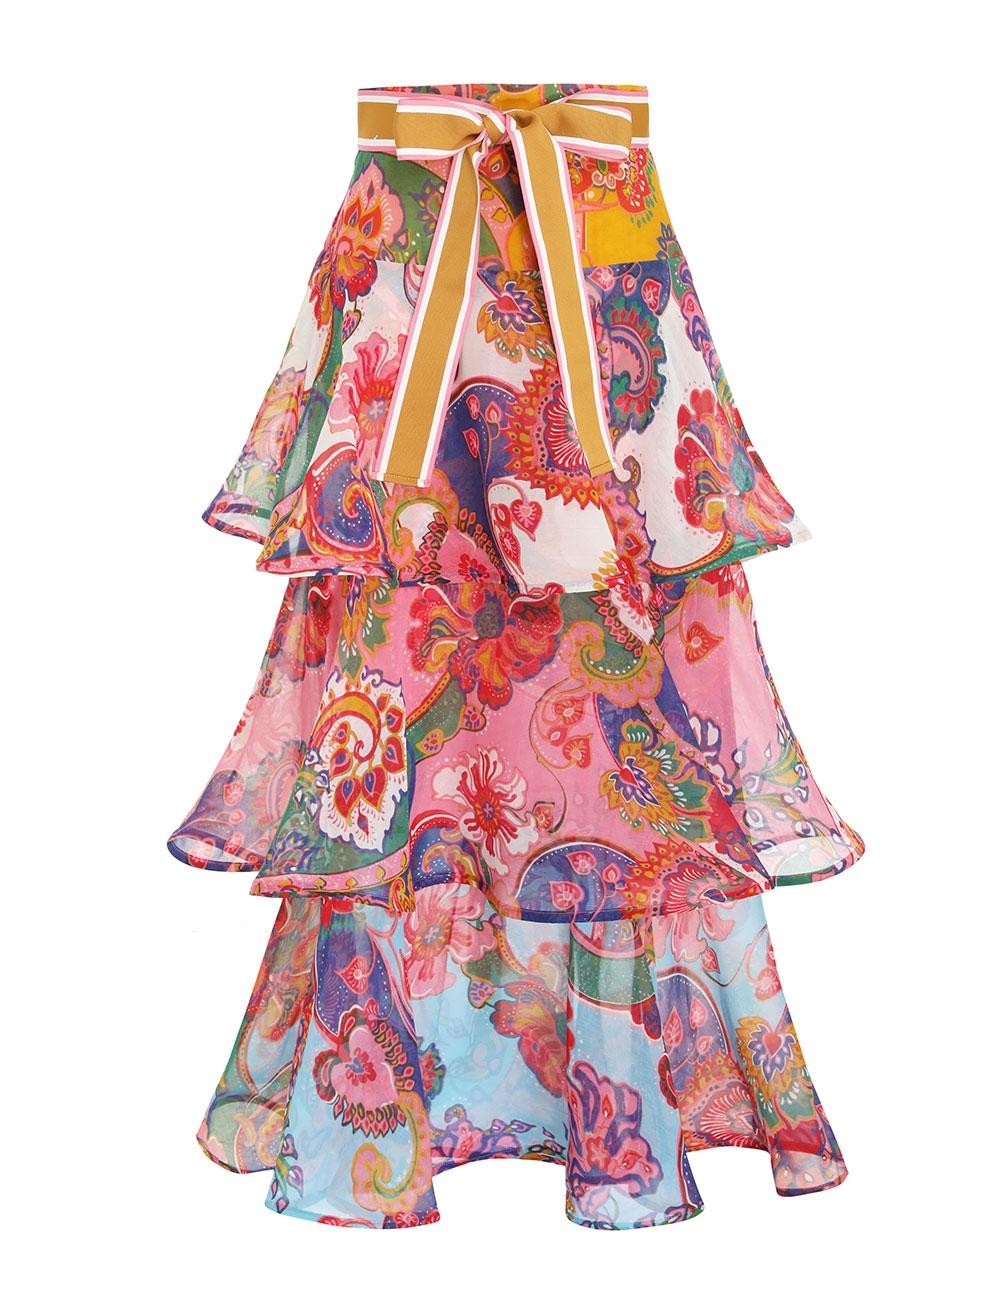 The Lovestruck Flounce Skirt